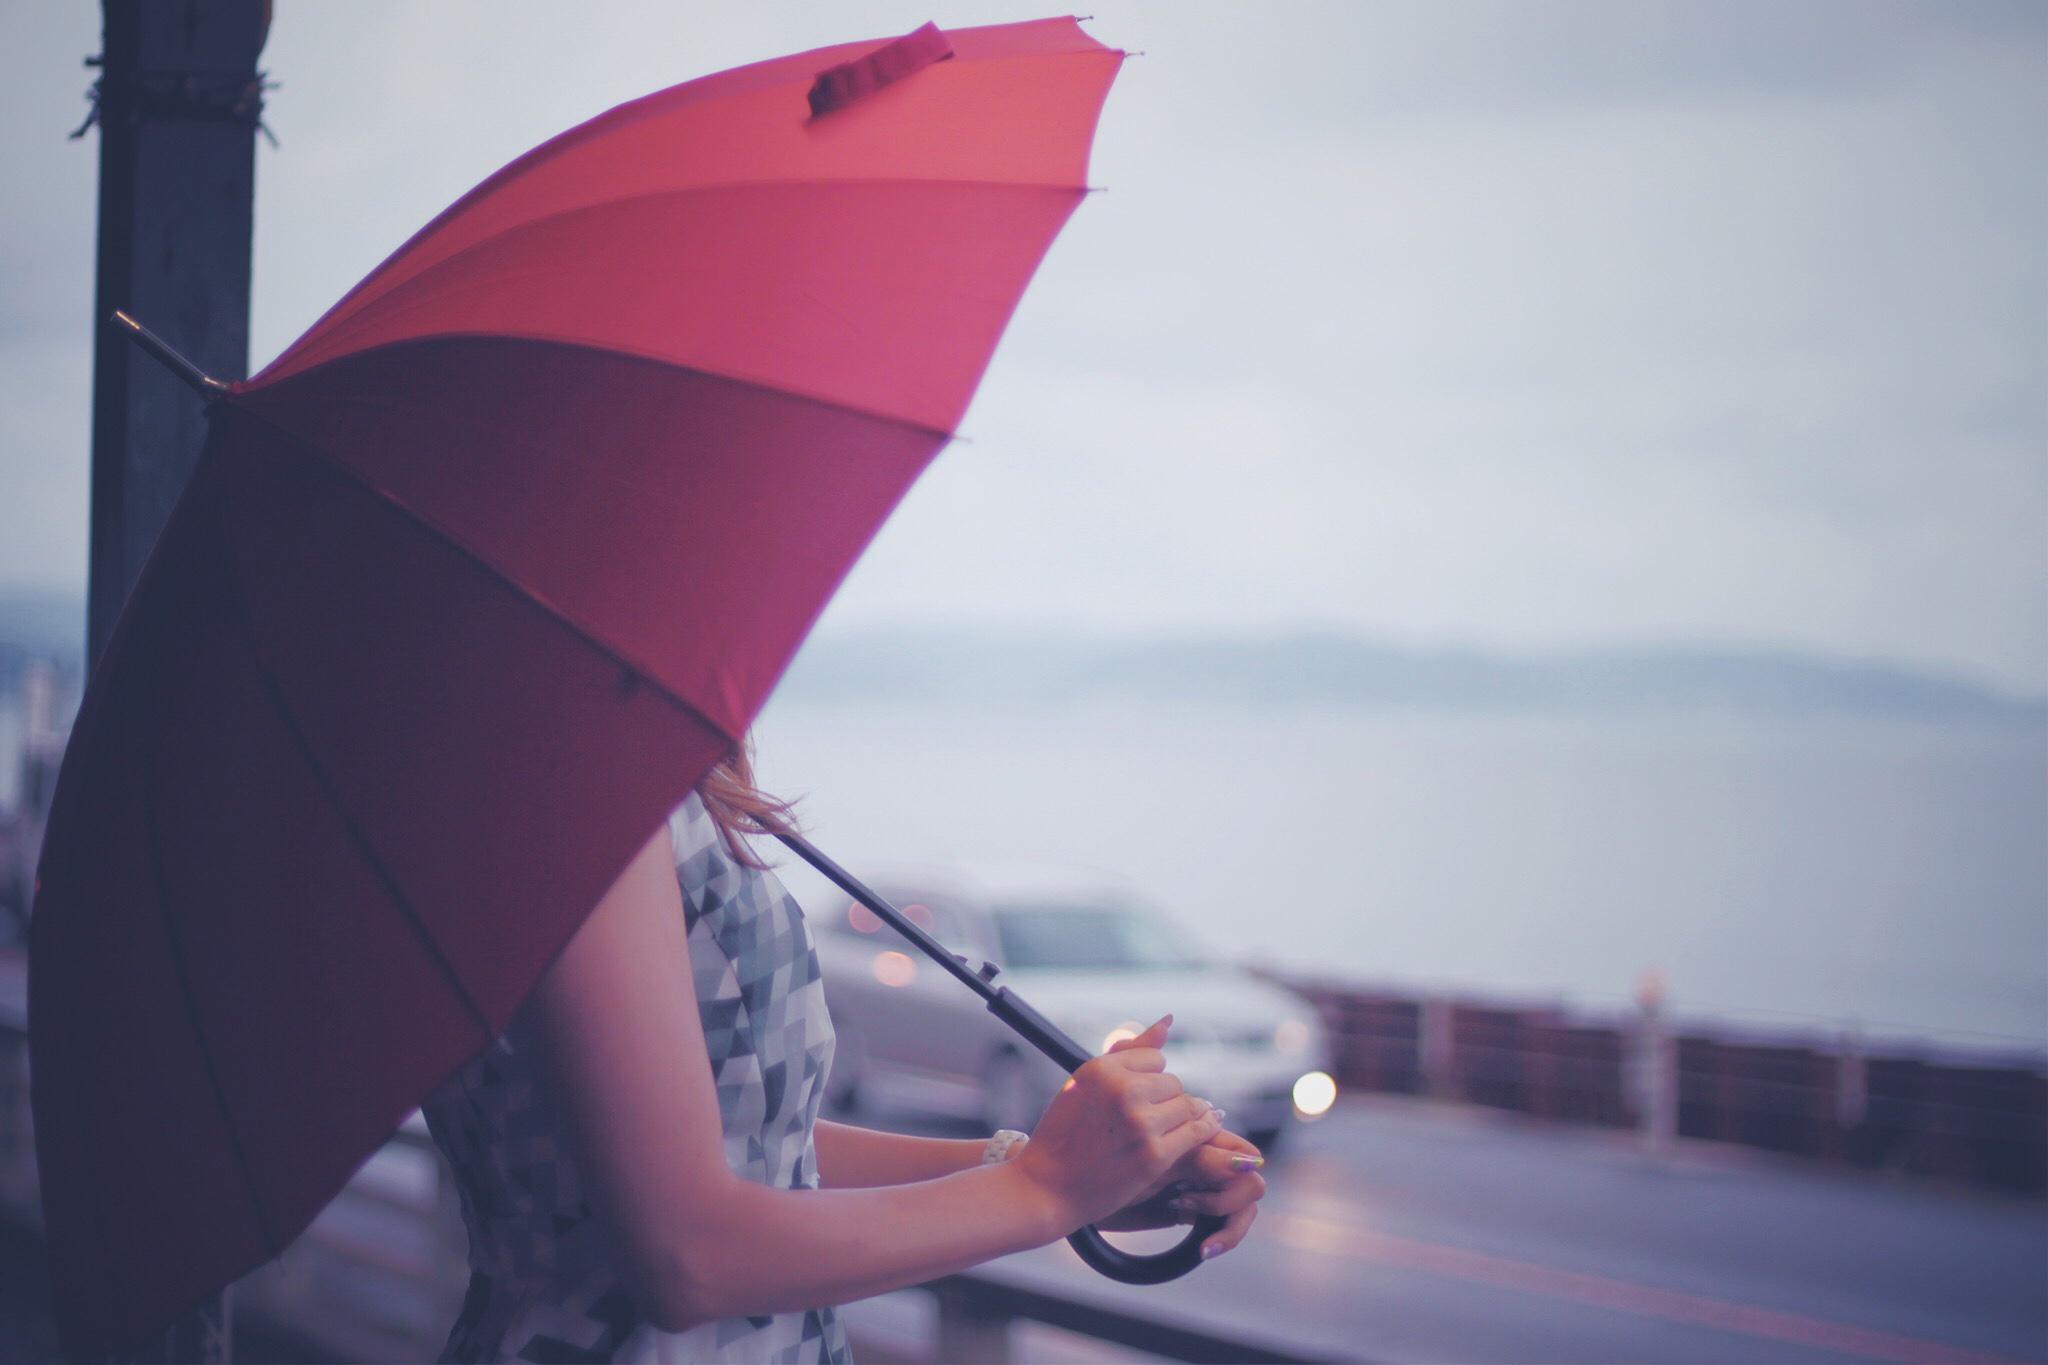 蝦夷梅雨を楽しむ方法